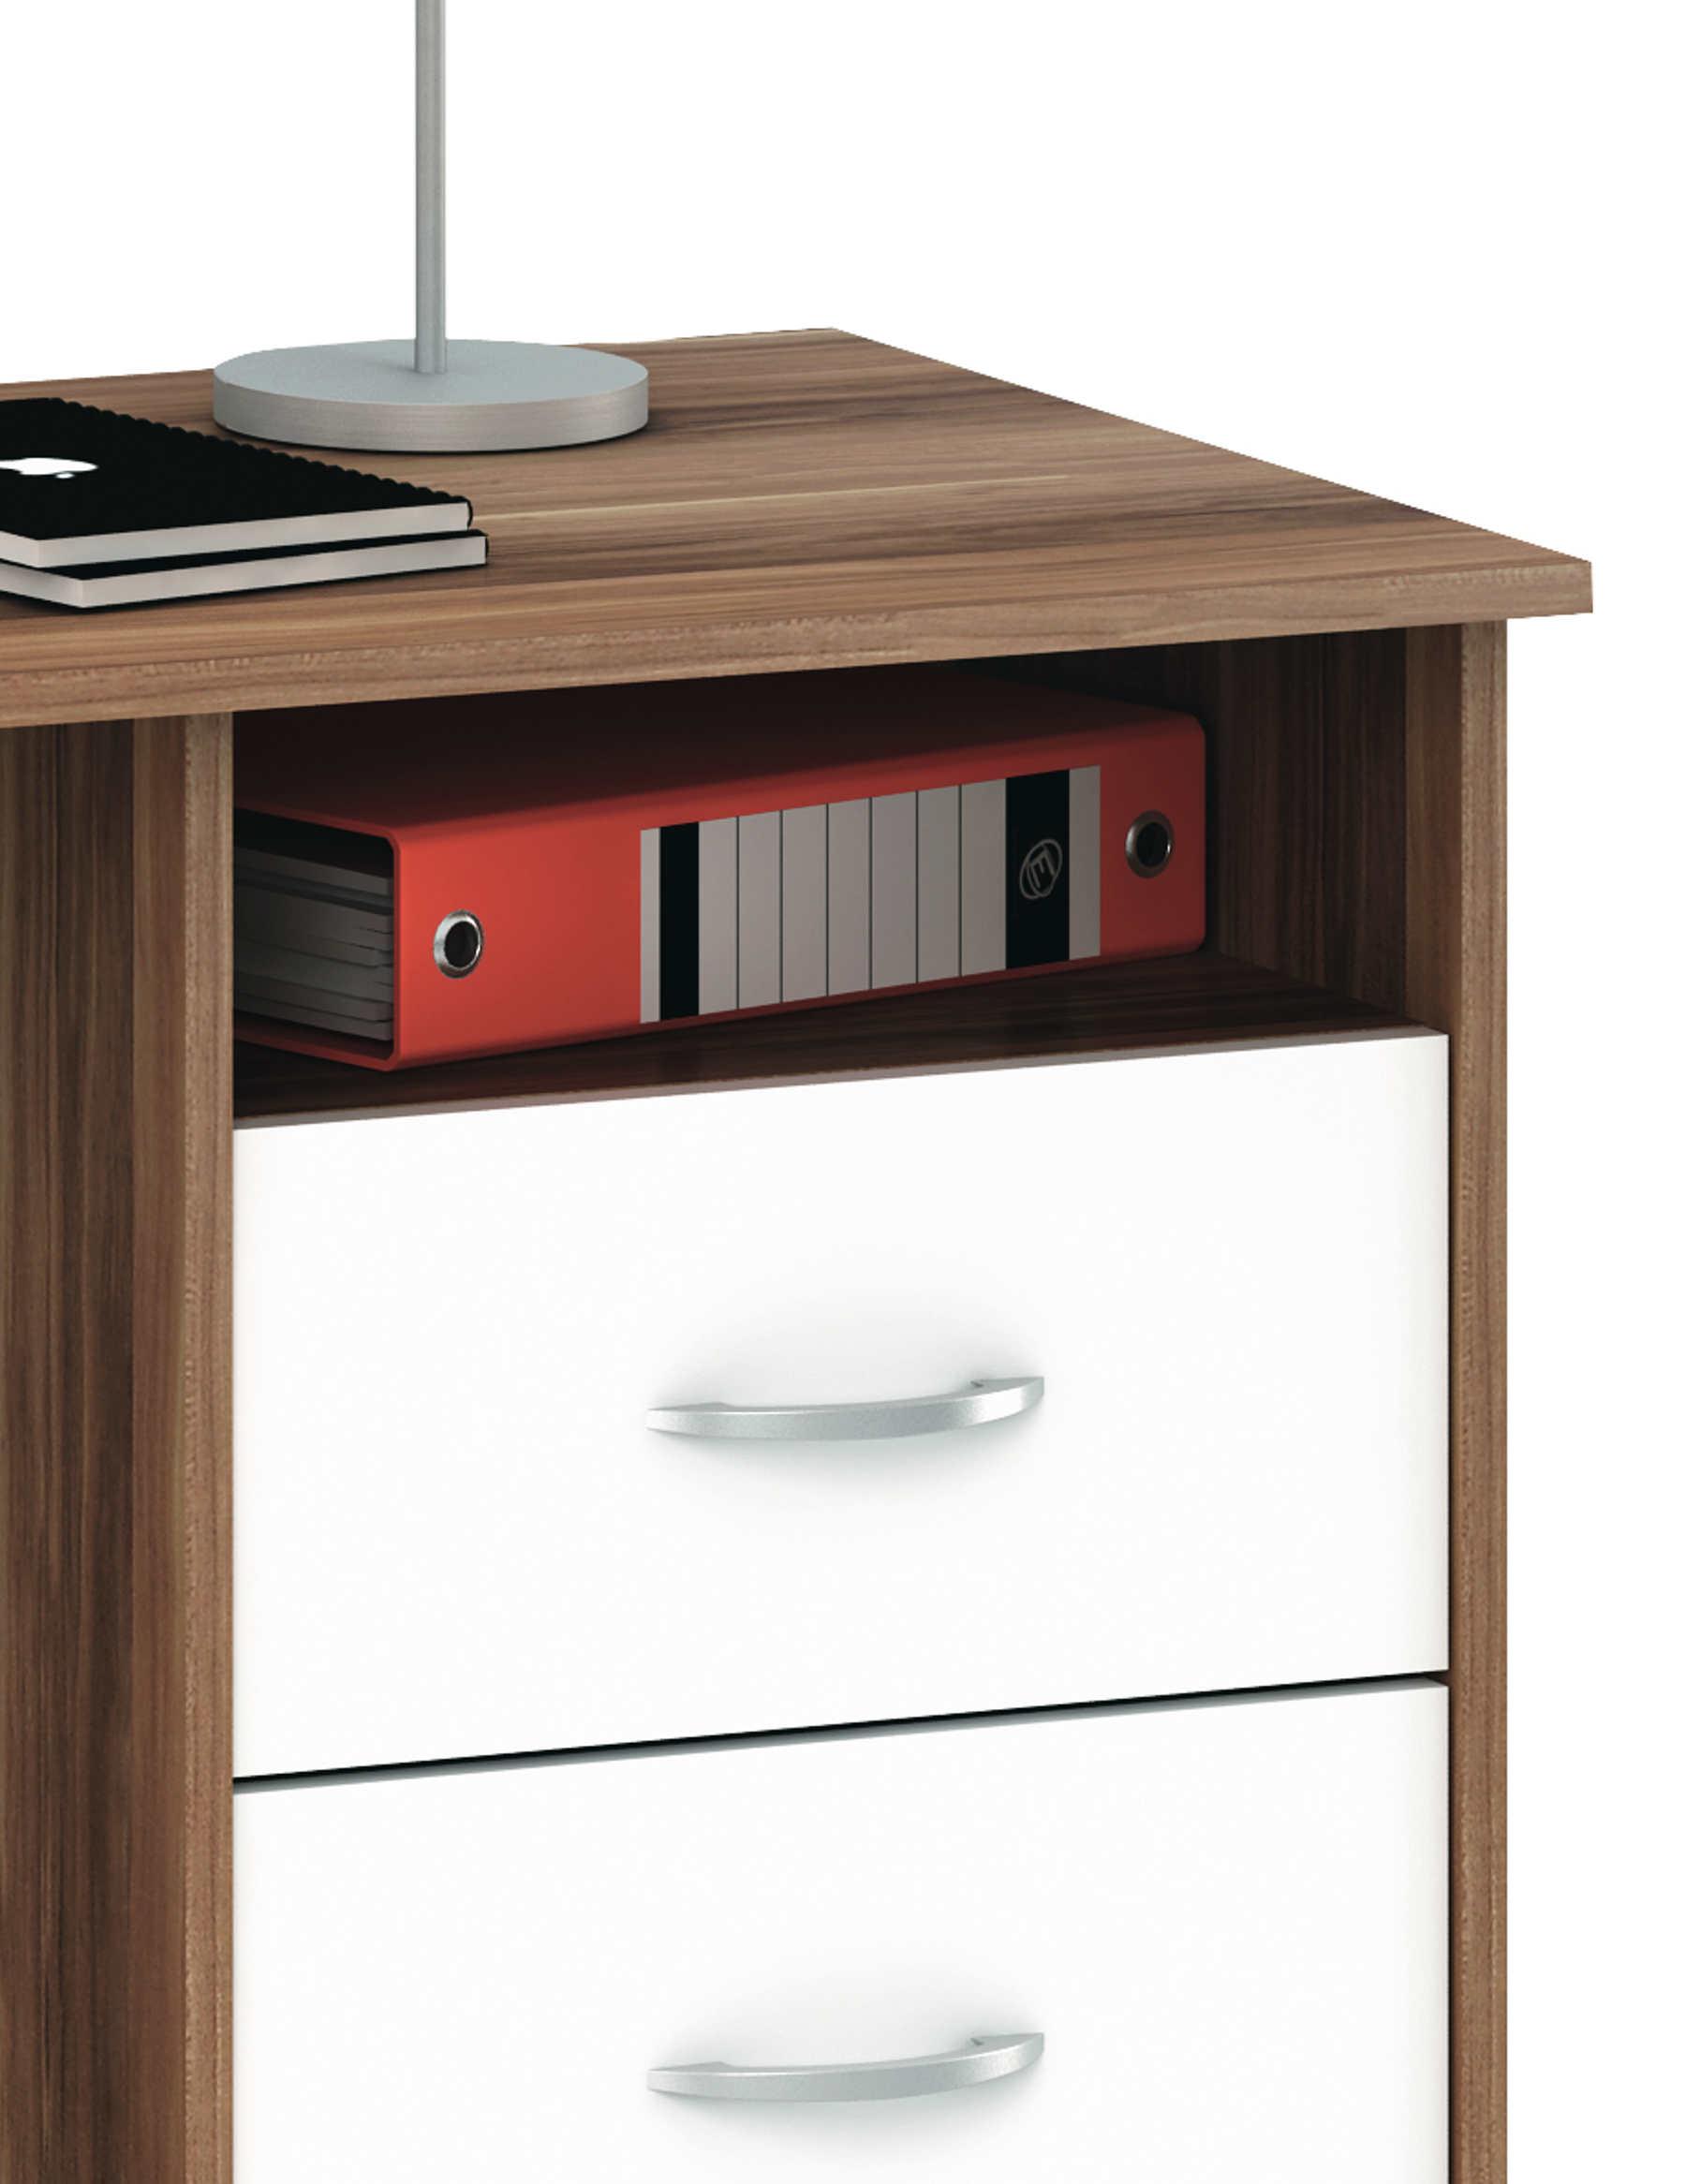 schreibtisch aristote nussbaum weiss mit 3 schubk sten ablage. Black Bedroom Furniture Sets. Home Design Ideas